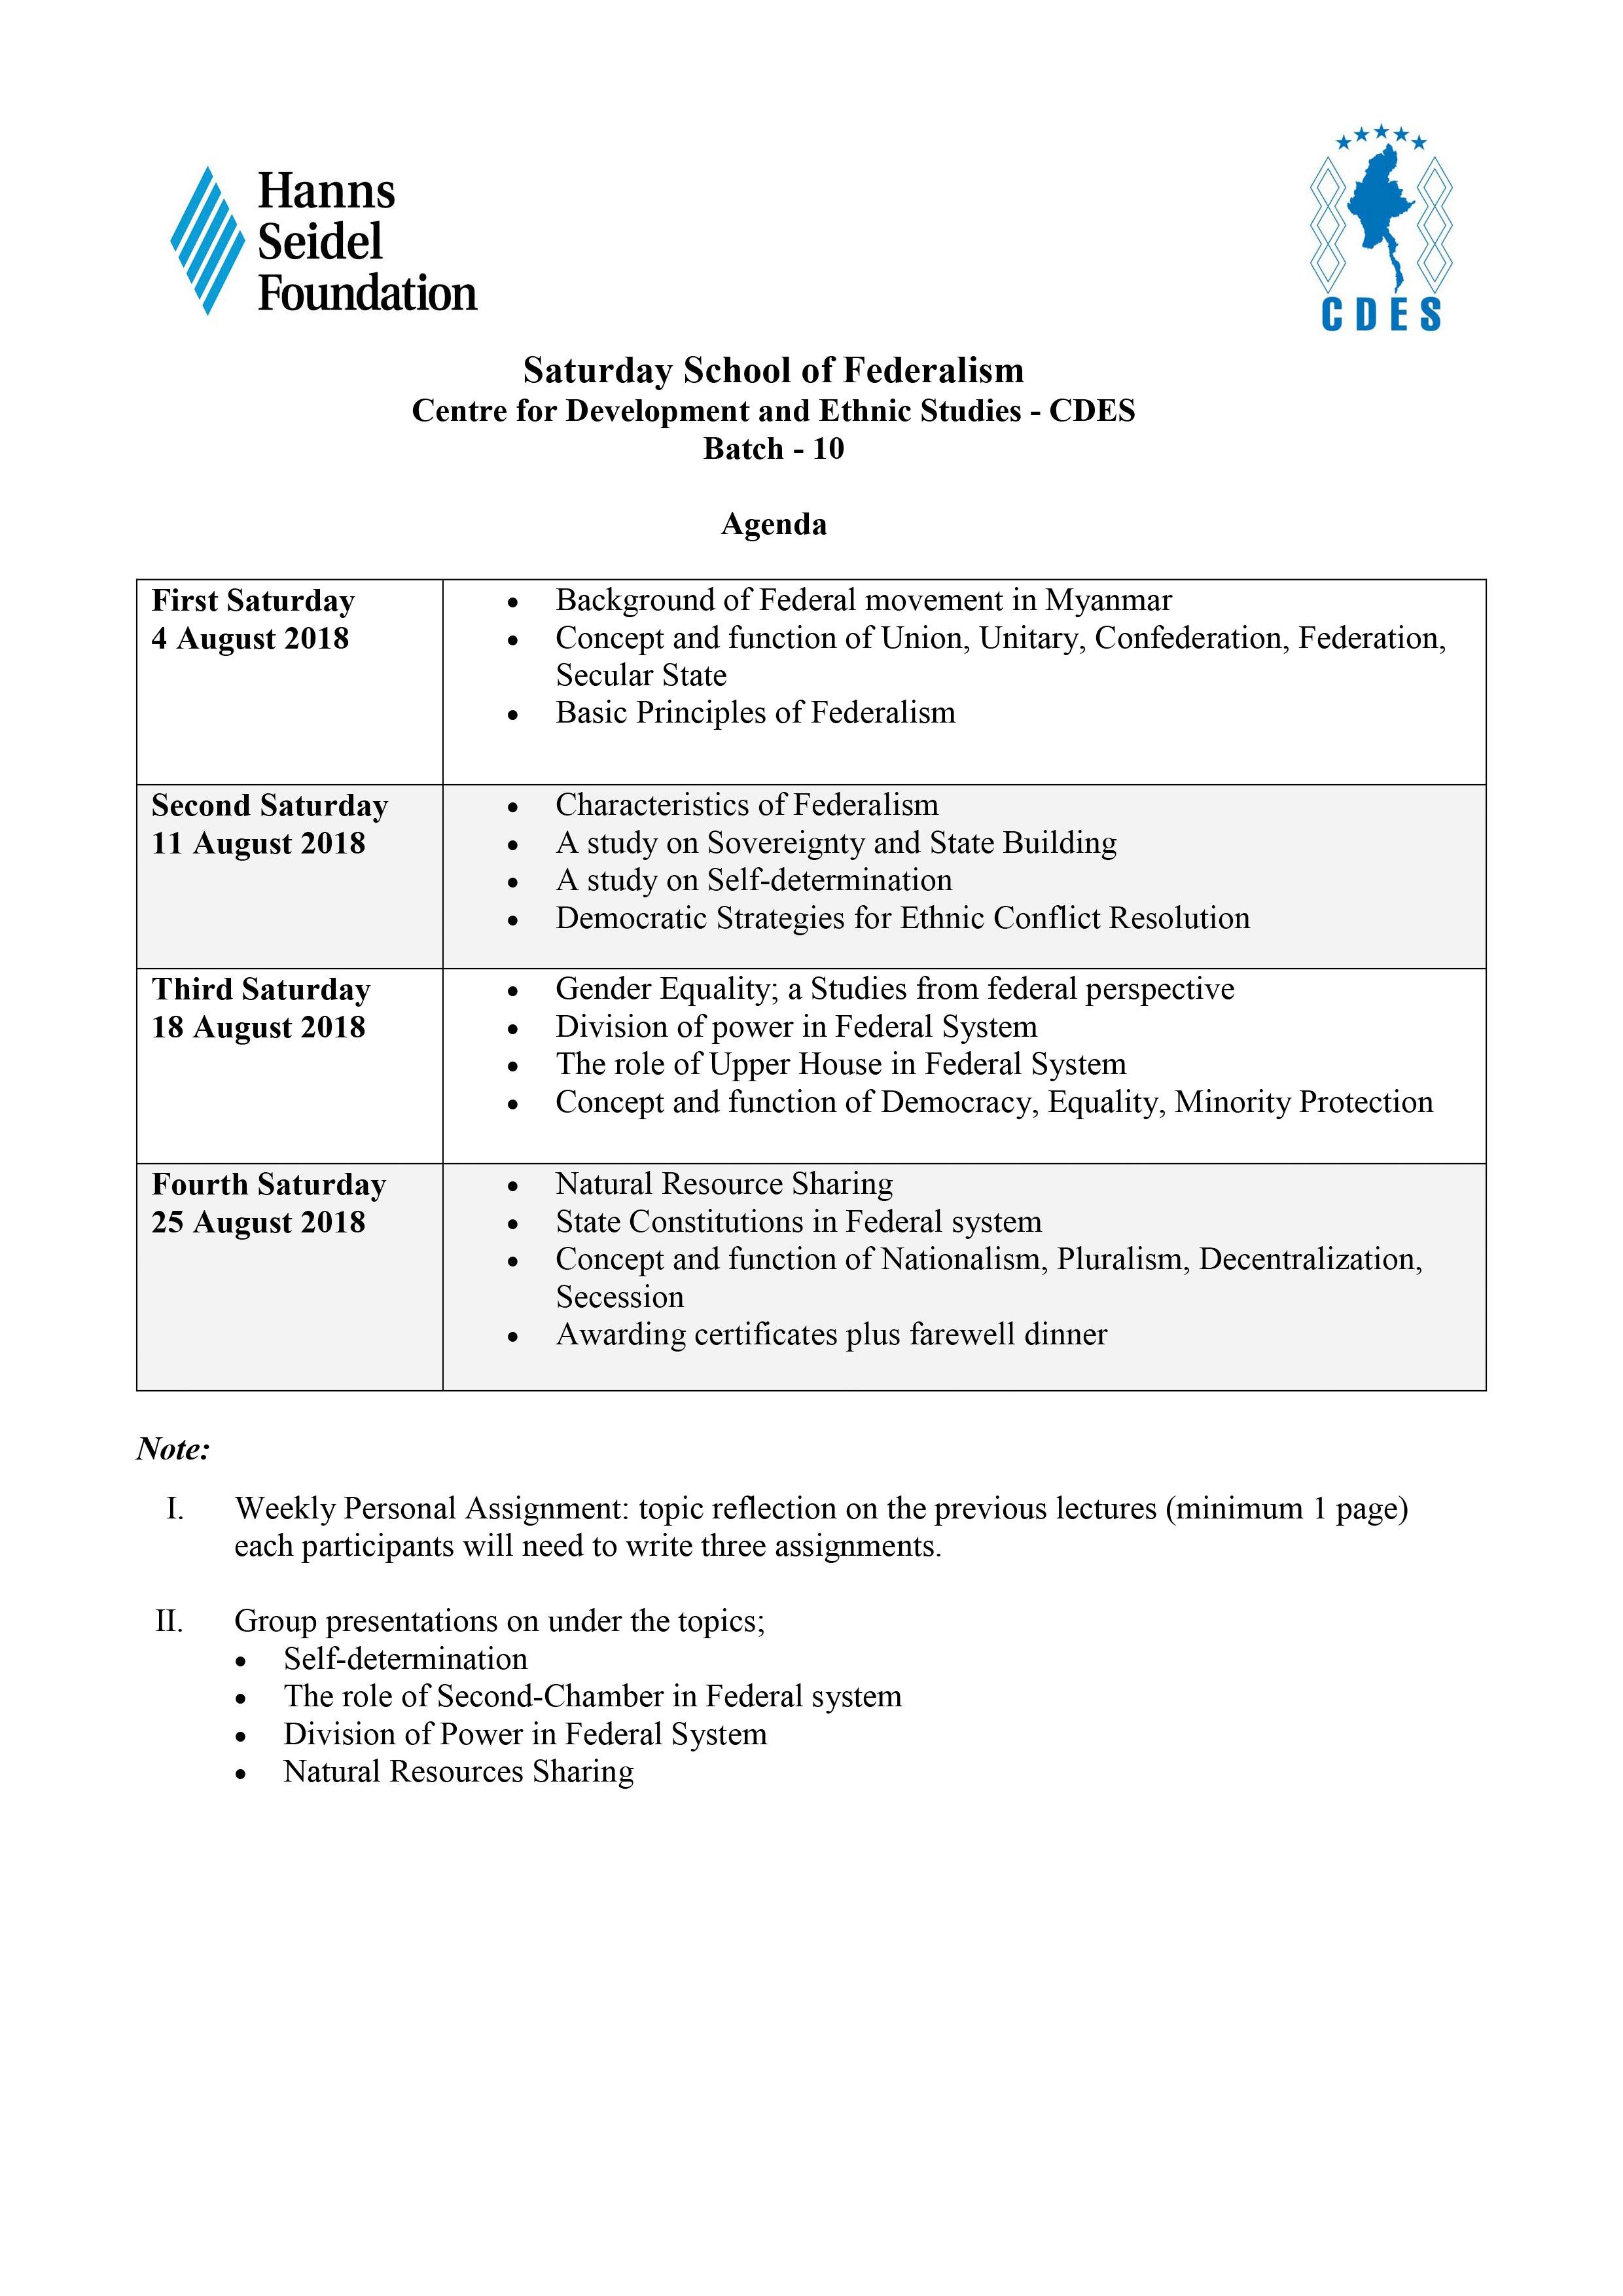 Saturday School of Federalism (Batch-10)